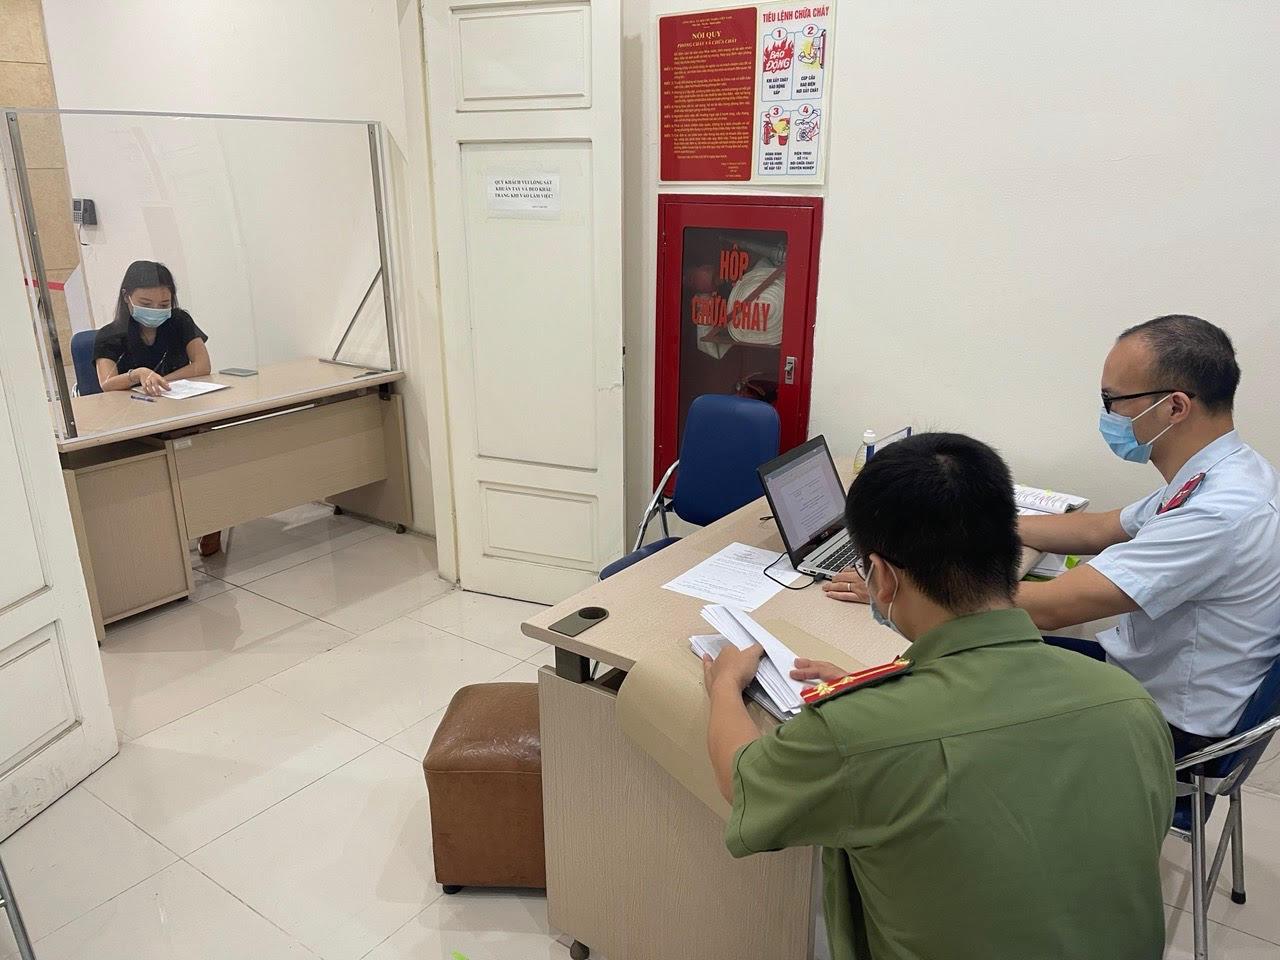 Hà Nội: 3 cá nhân bị xử phạt vì đăng tin sai phạm trên mạng xã hội